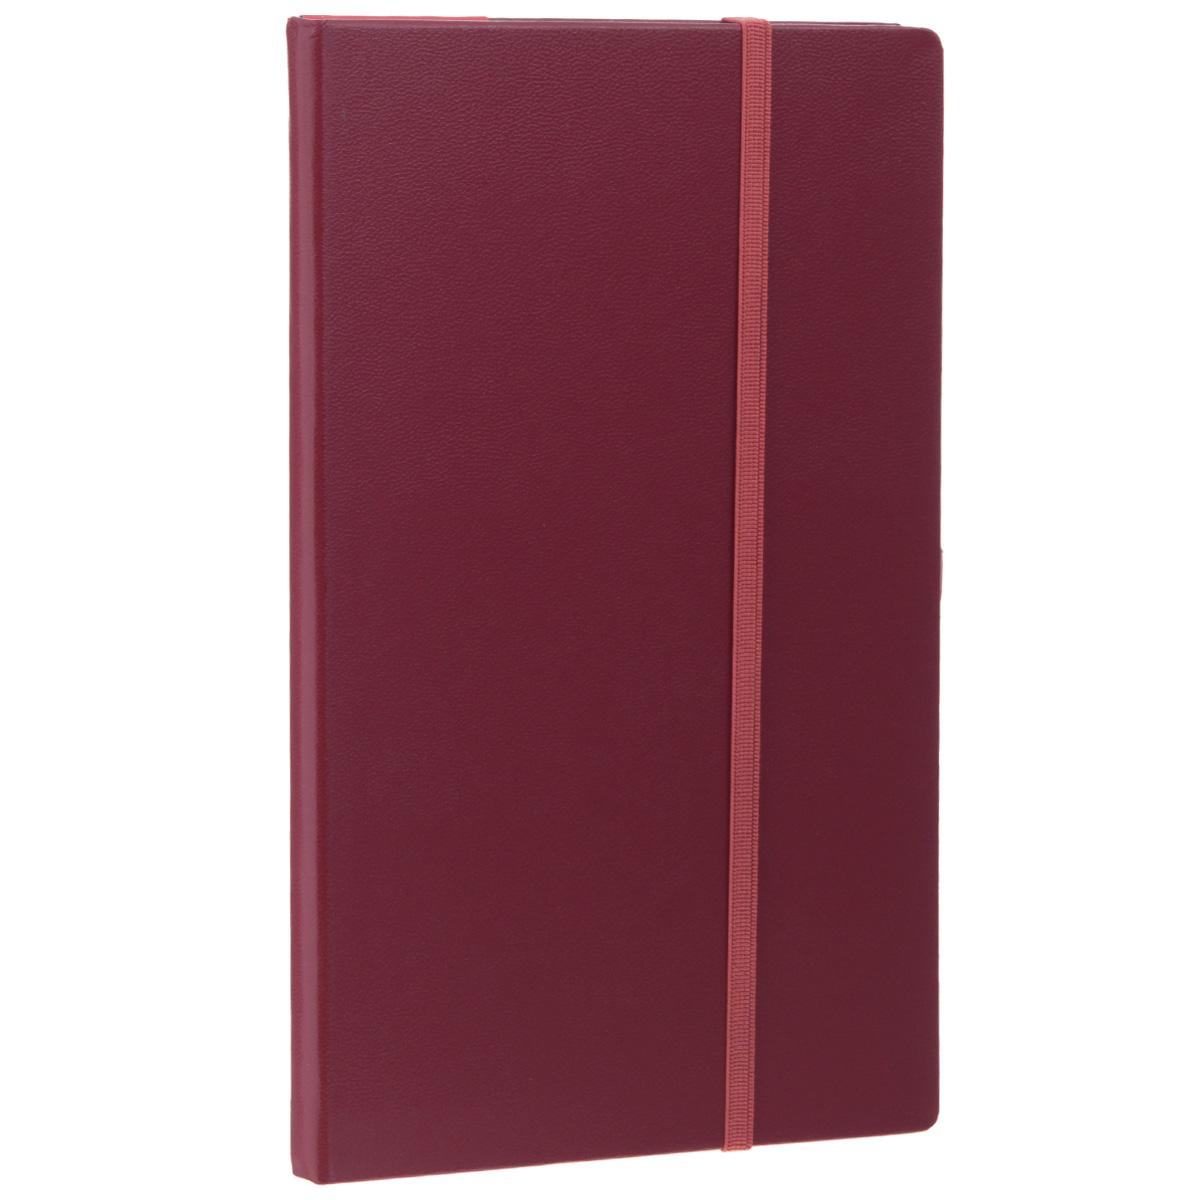 Записная книжка Erich Krause Ariane, цвет: бордовый, 96 листов36754Записная книжка Erich Krause Ariane - это дополнительный штрих к вашему имиджу. Демократичная в своем содержании, книжка может быть использована не только для личных пометок и записей, но и как недатированный ежедневник. Надежная твердая обложка из плотного картона, обтянутого искусственной кожей, сохранит ее в аккуратном состоянии на протяжении всего времени использования. Плотная в линейку бумага белого цвета, закладка-ляссе, практичные скругленные углы, эластичная петелька для ручки и внутренний бумажный карман на задней обложке - все это обеспечит вам истинное удовольствие от письма. В начале книжки имеется страничка для заполнения личных данных владельца, четыре страницы для заполнения адресов, телефонов и интернет-почты и четыре страницы для заполнения сайтов и ссылок. Благодаря небольшому формату книжку легко взять с собой. Записная книжка плотно закрывается при помощи фиксирующей резинки.